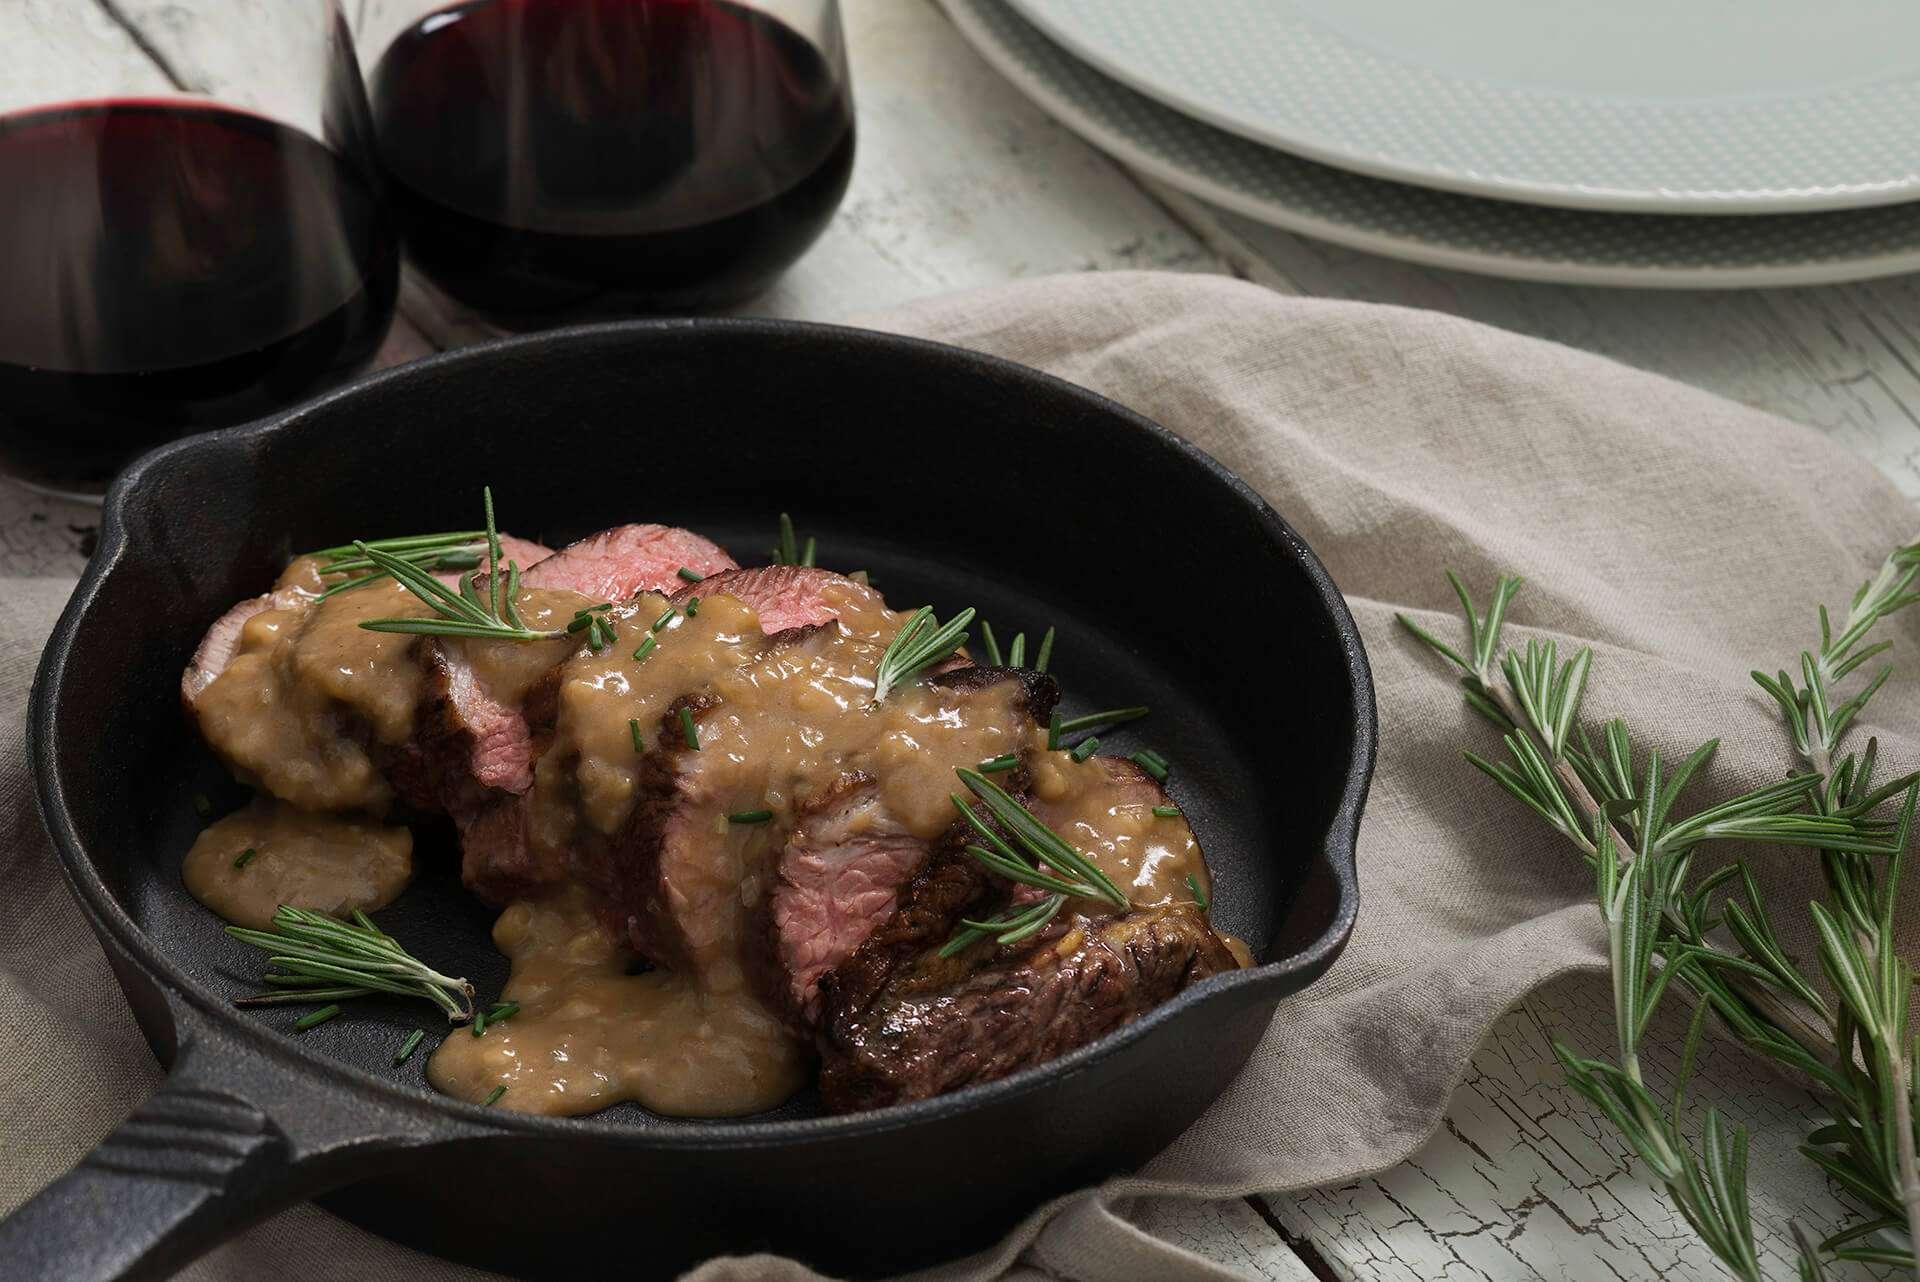 Pan Roasted Lamb with Cognac Sauce